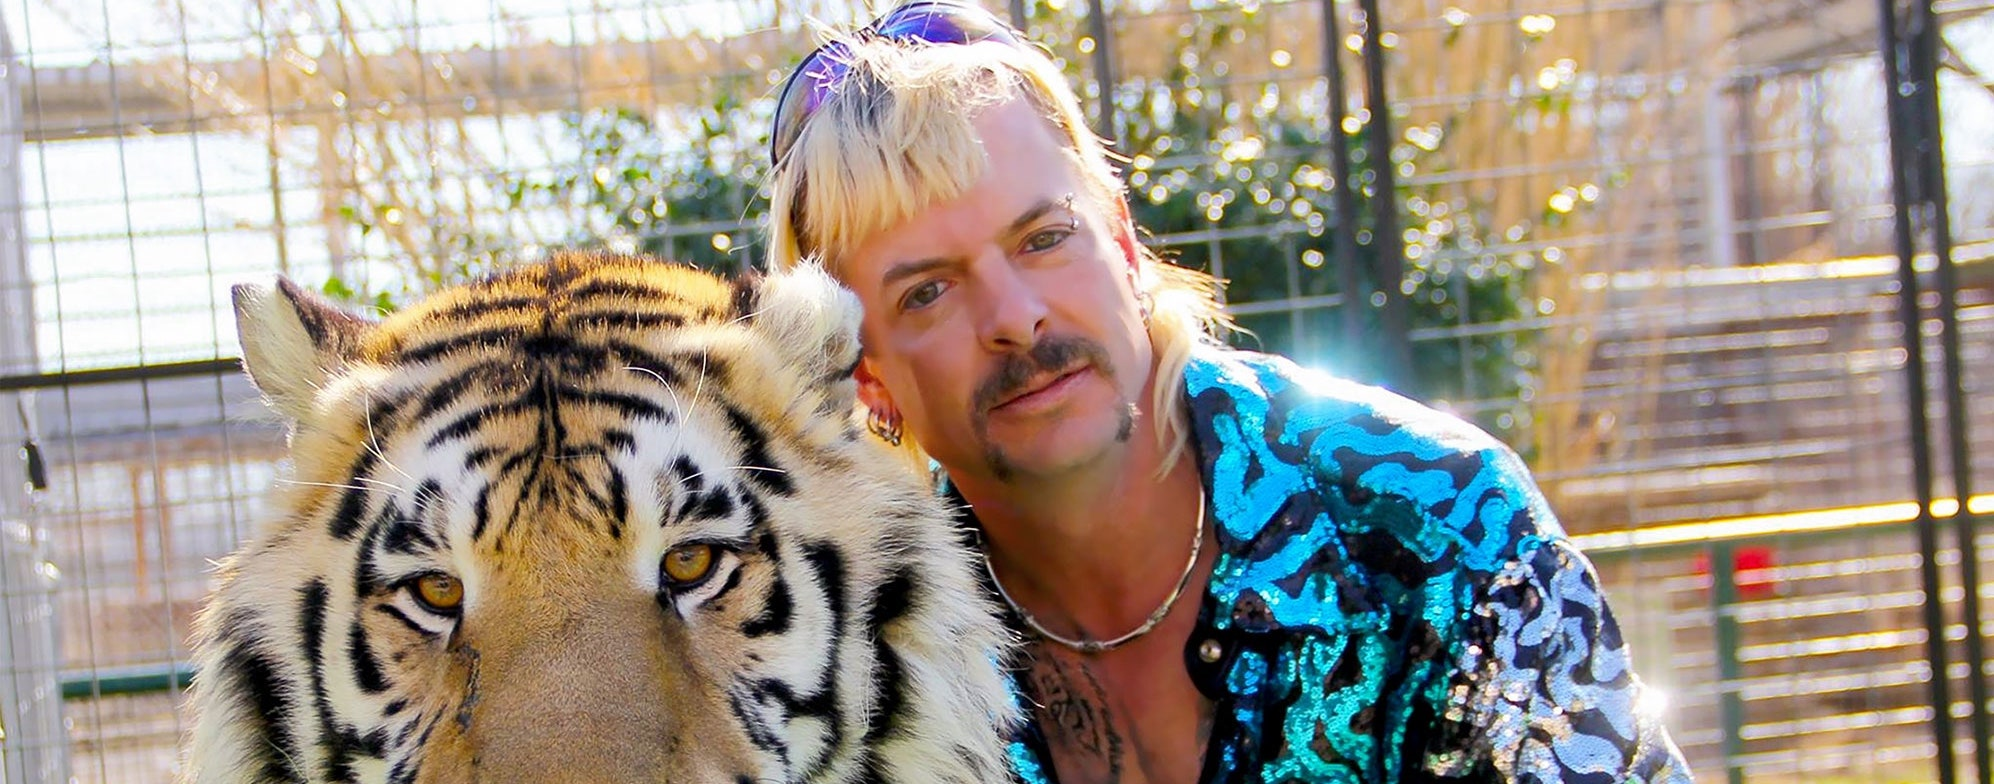 ¿Sigue casado Joe Exotic de Tiger King? ¿Tiene hijos? 1